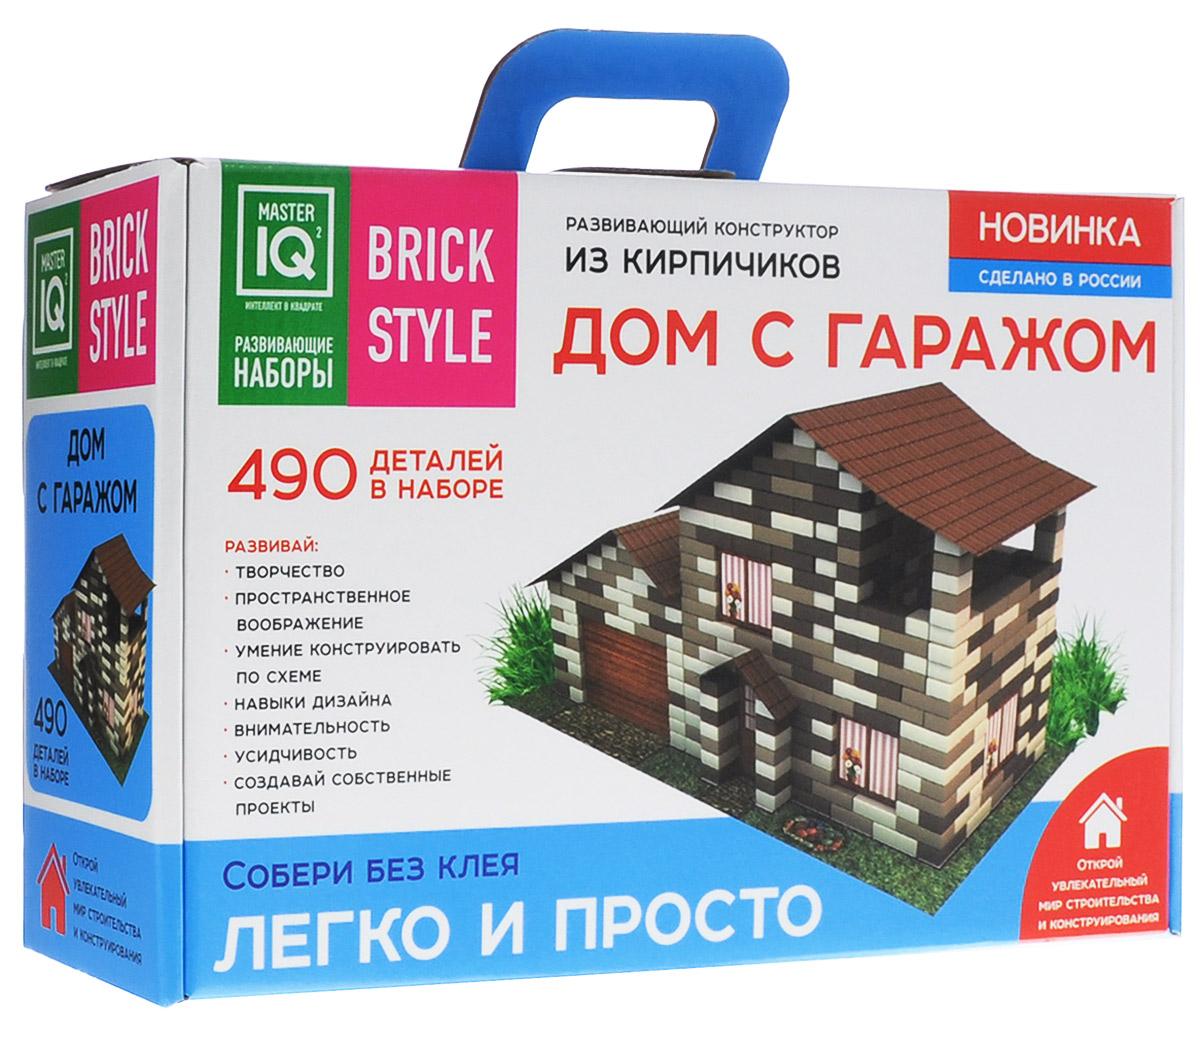 Конструктор Master IQ2 Brick Style Дом с гаражом